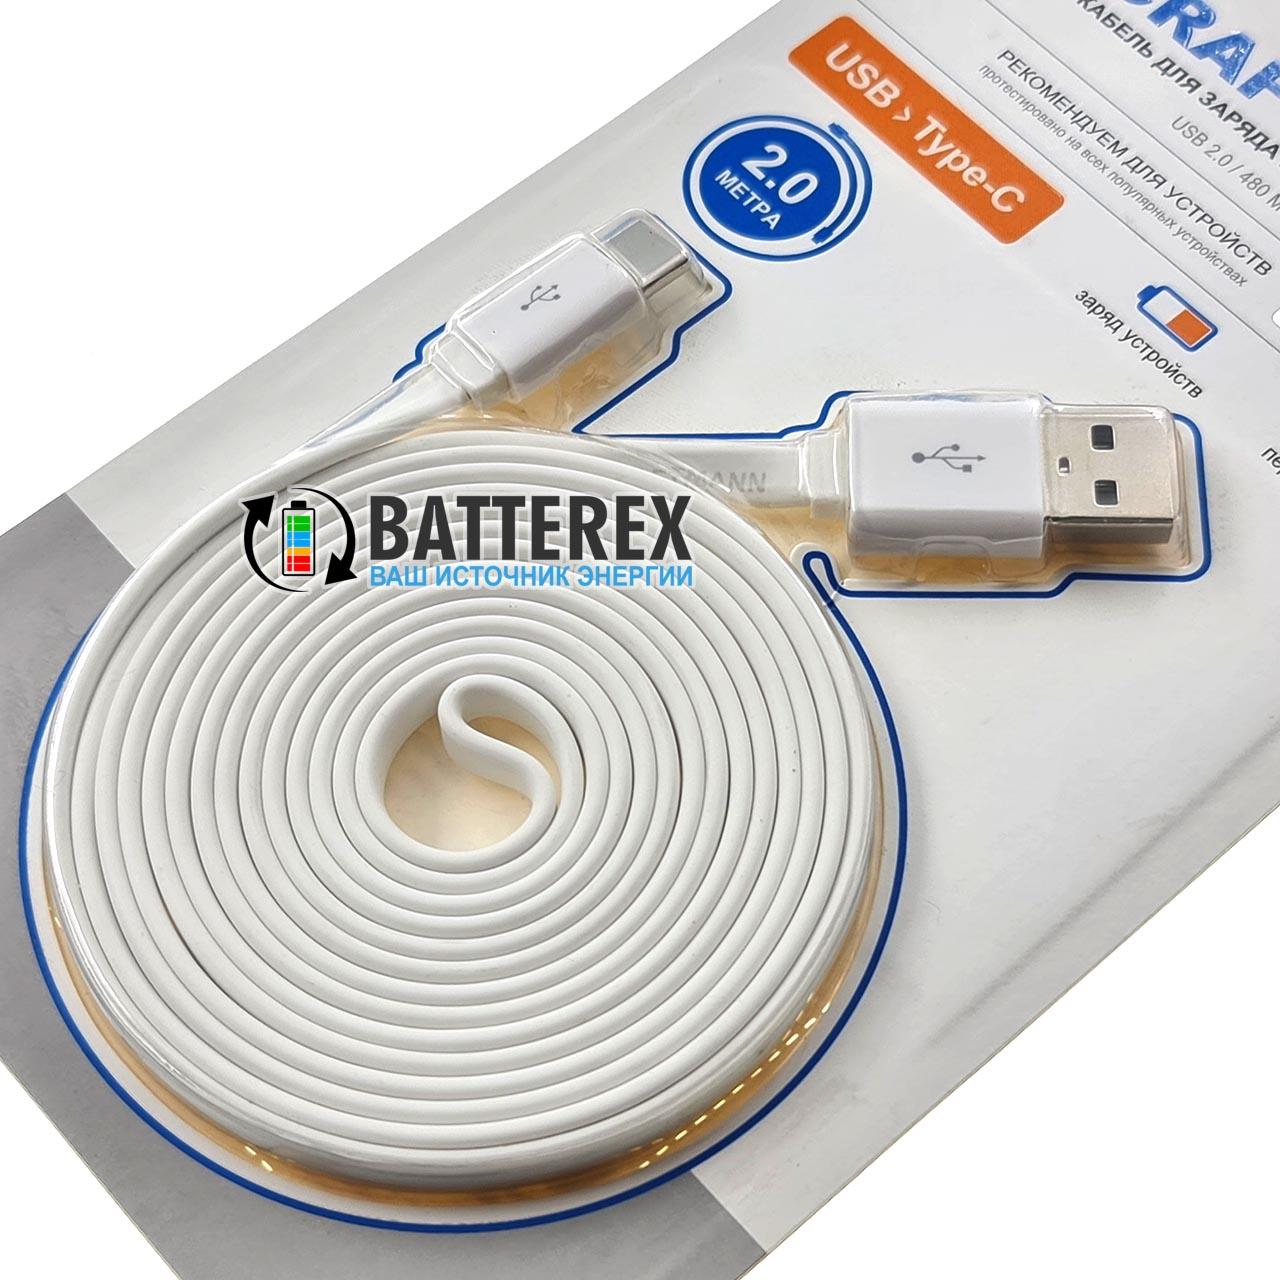 Купить кабель Craftmann USB - Type-C 2 метра